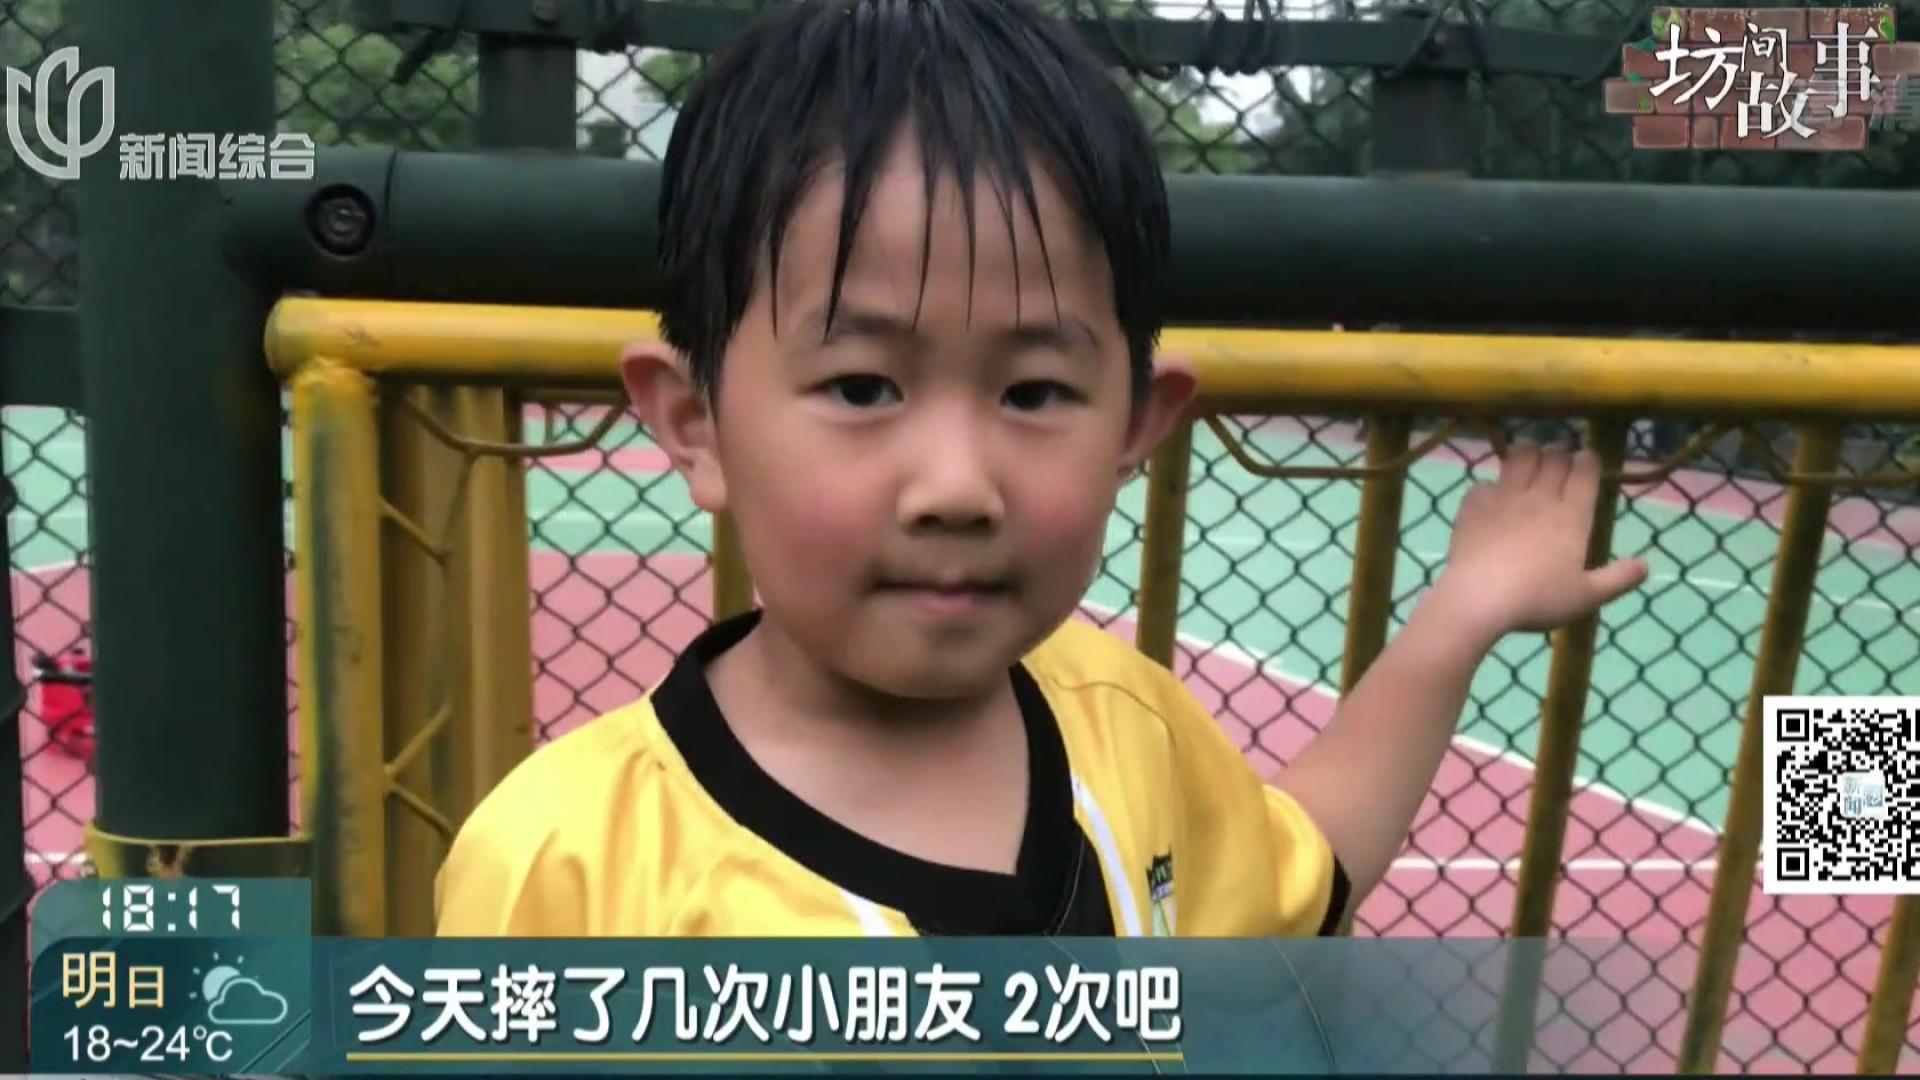 新闻特写:爸爸当教练妈妈当领队  陪伴足球萌娃们一起长大